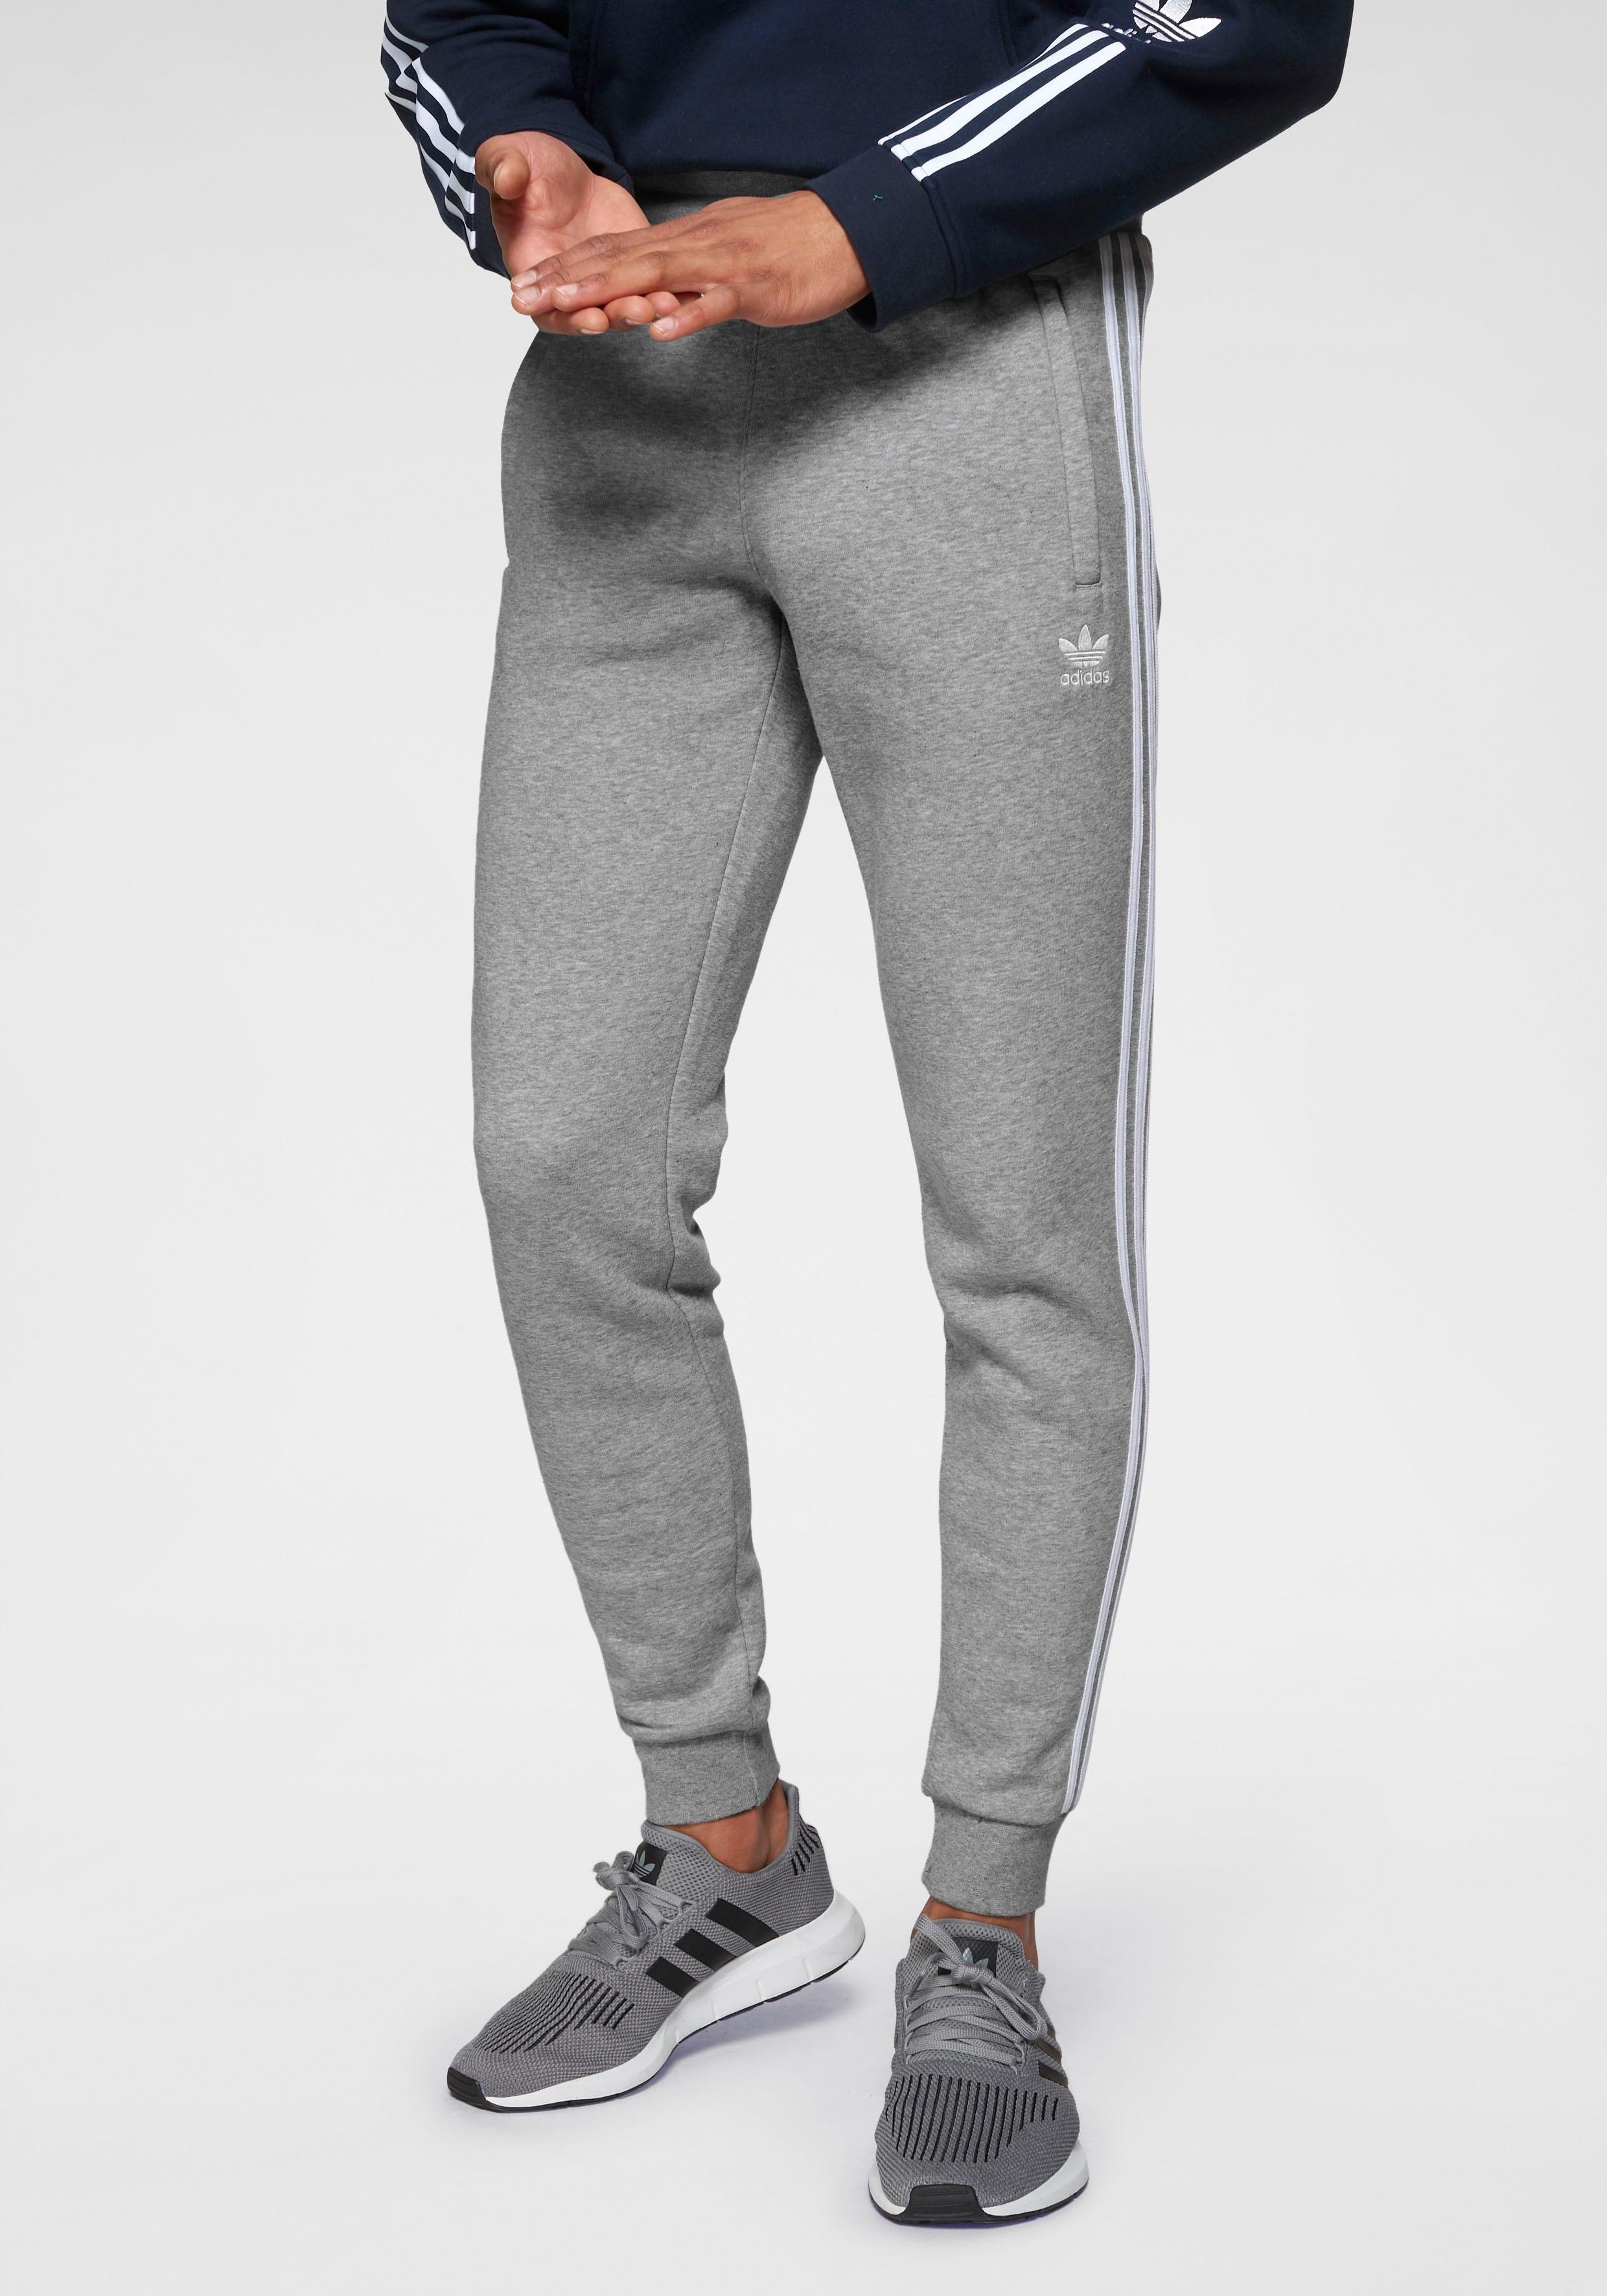 adidas Originals trainingsbroek 3-STRIPES nu online kopen bij OTTO